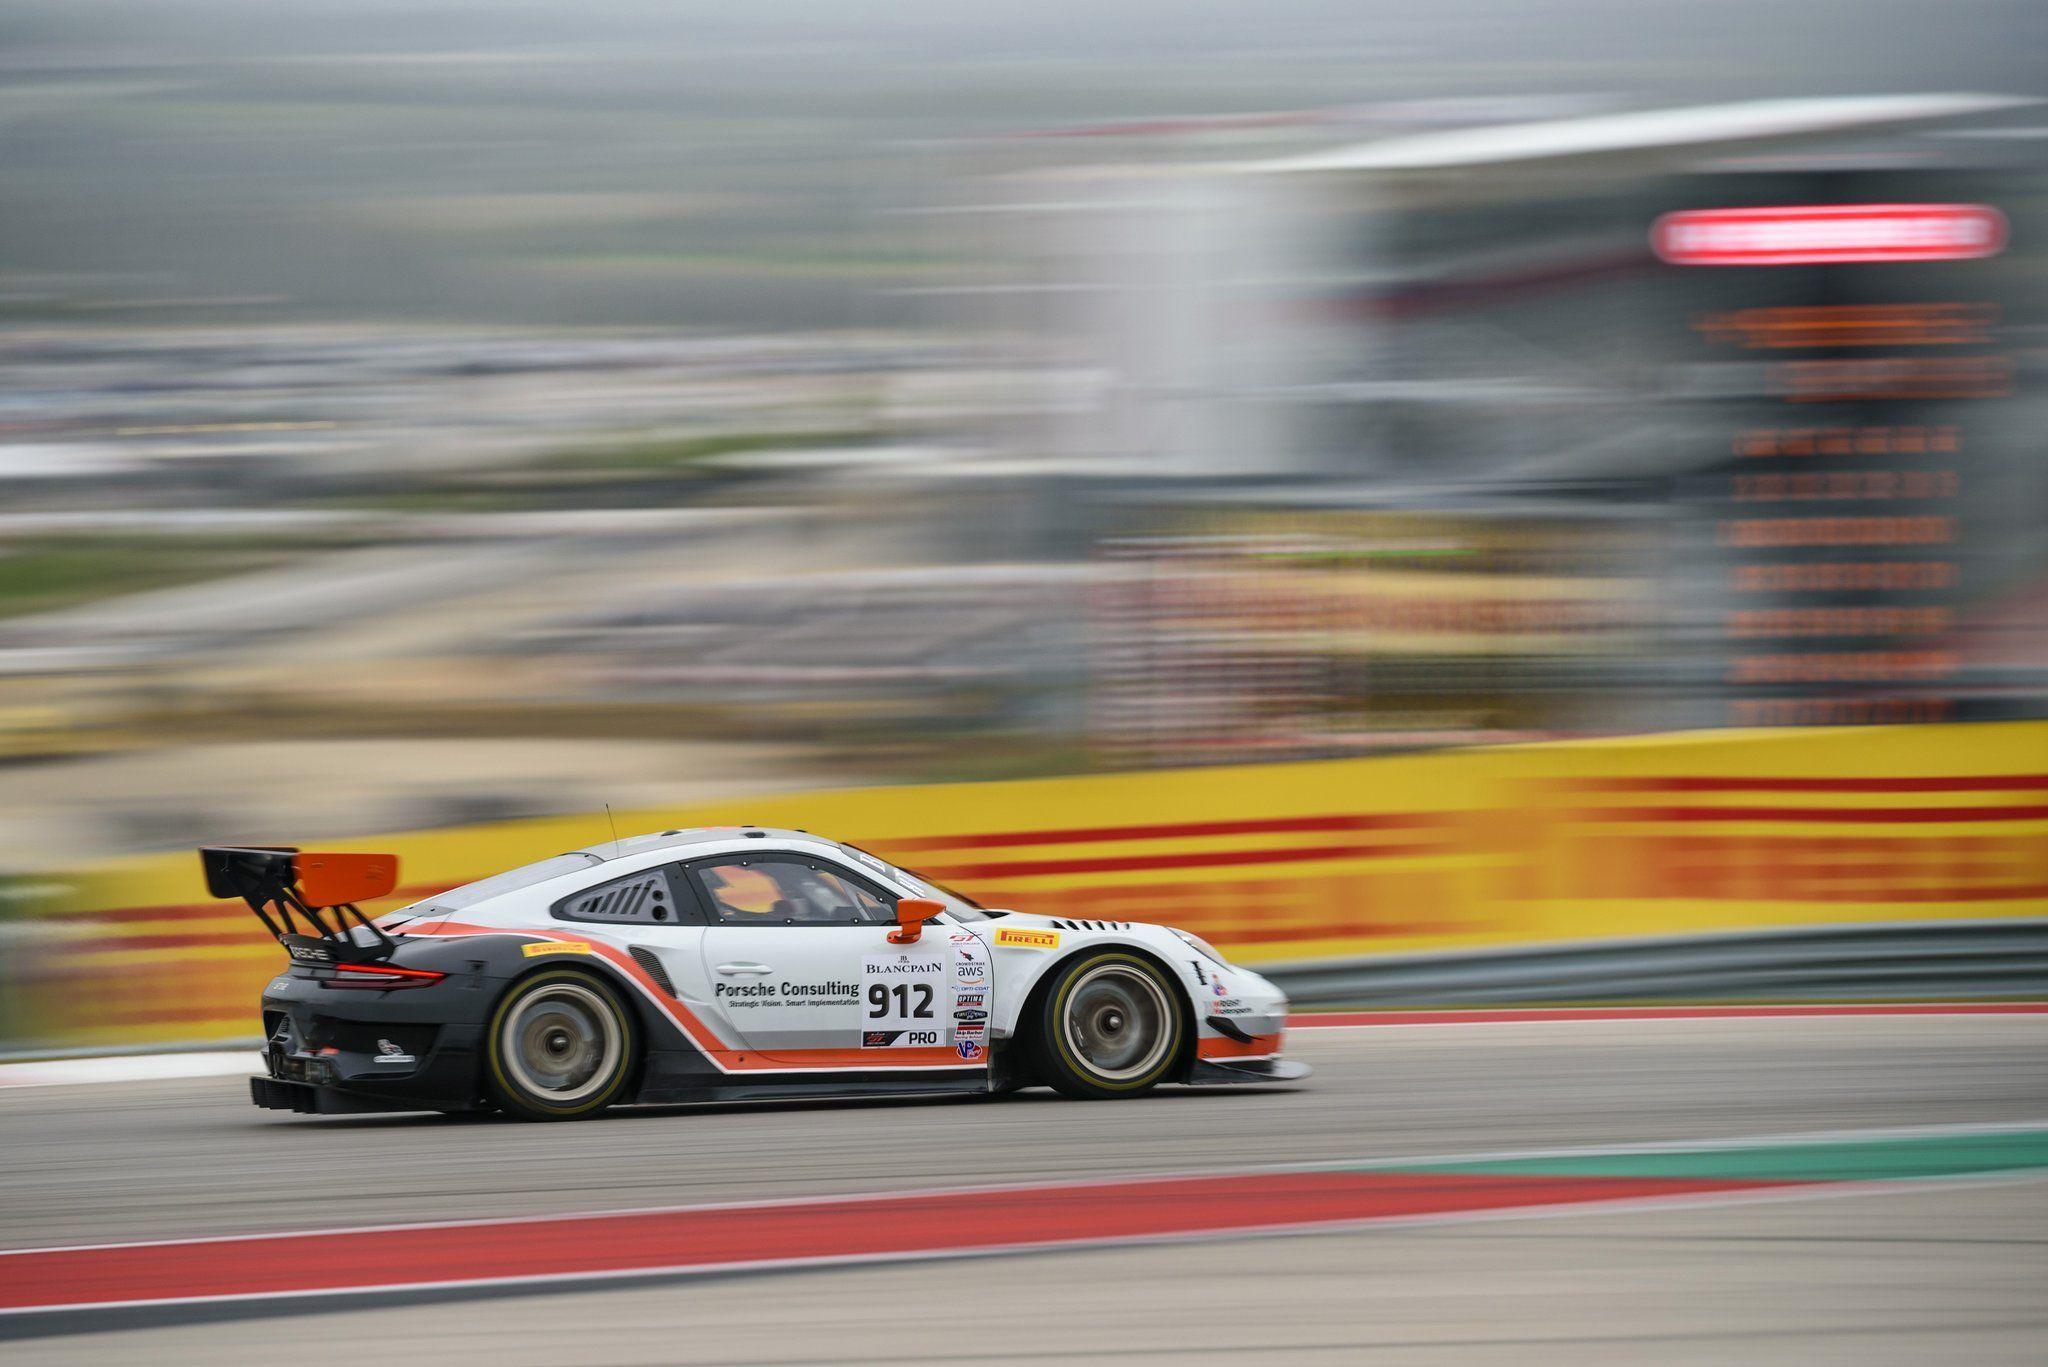 Porsche Motorsport On Twitter Porsche Motorsport Porsche Porsche Gt